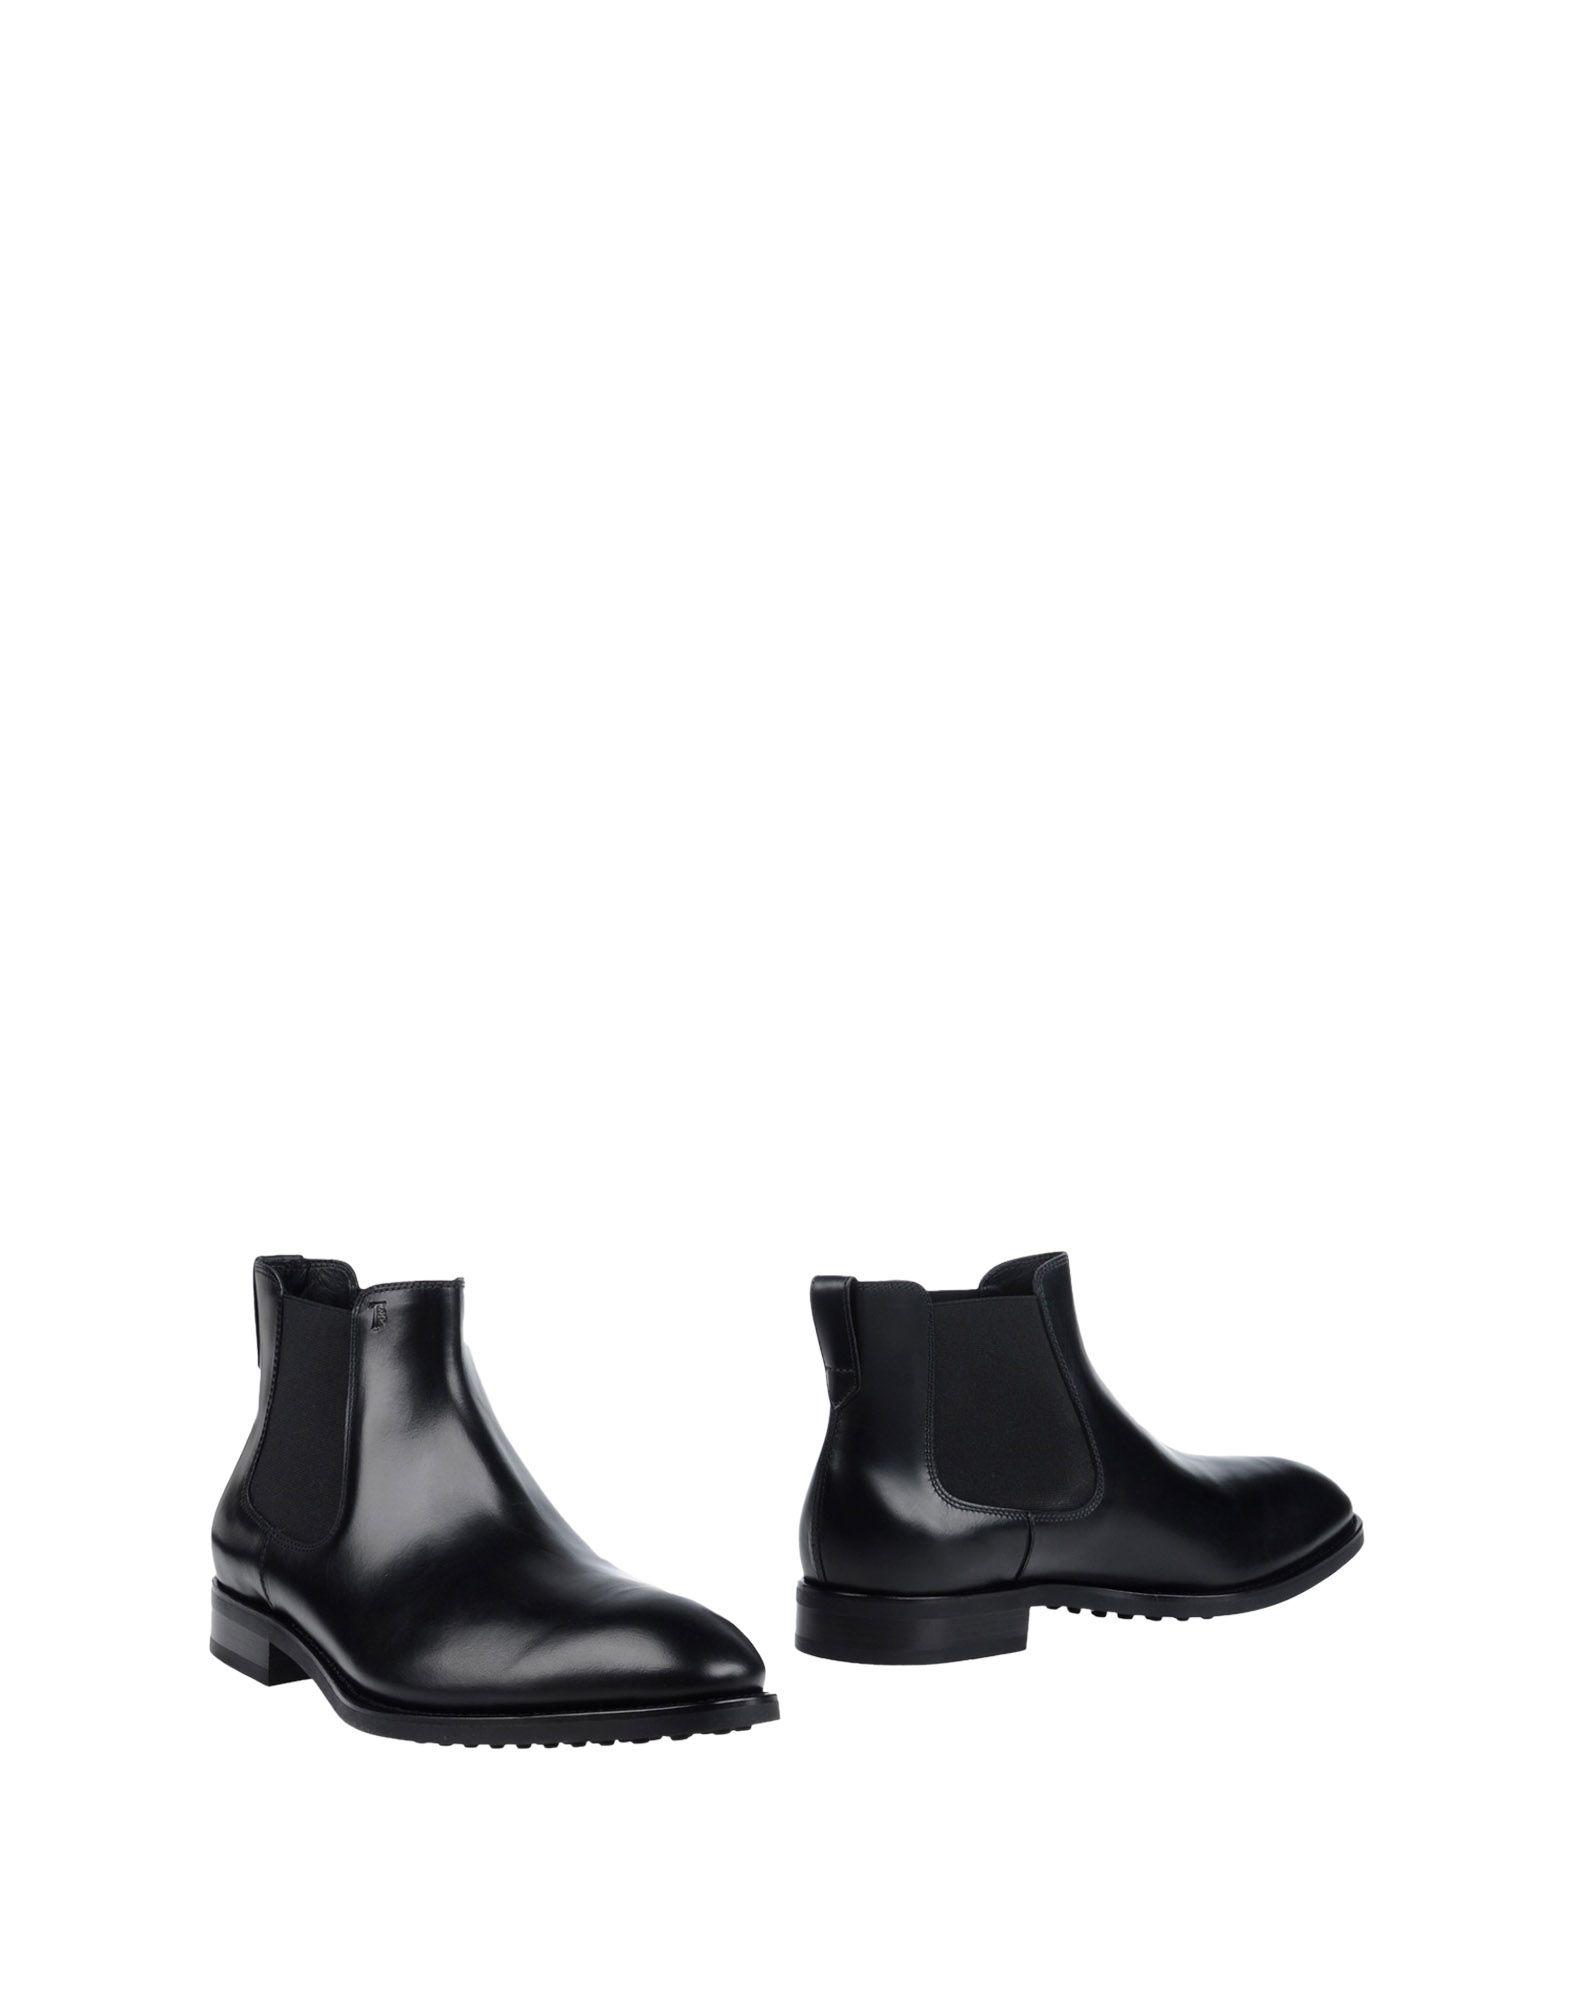 Tod's Stiefelette Herren  11243316NE Gute Qualität beliebte Schuhe